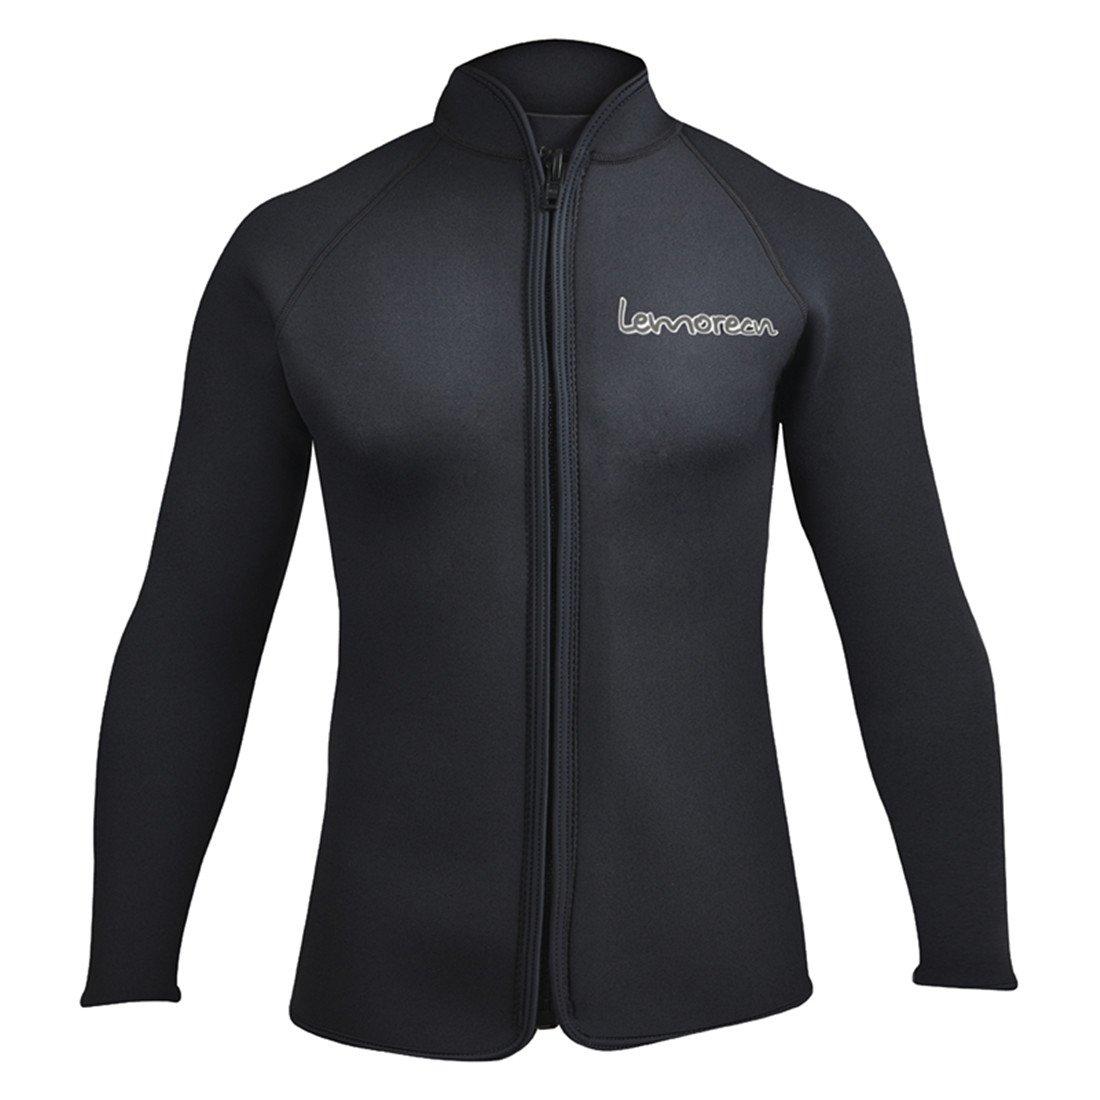 Lemorecn Adult's 3mm Wetsuits Jacket Long Sleeve Neoprene Wetsuits Top (LMJ021blackL)